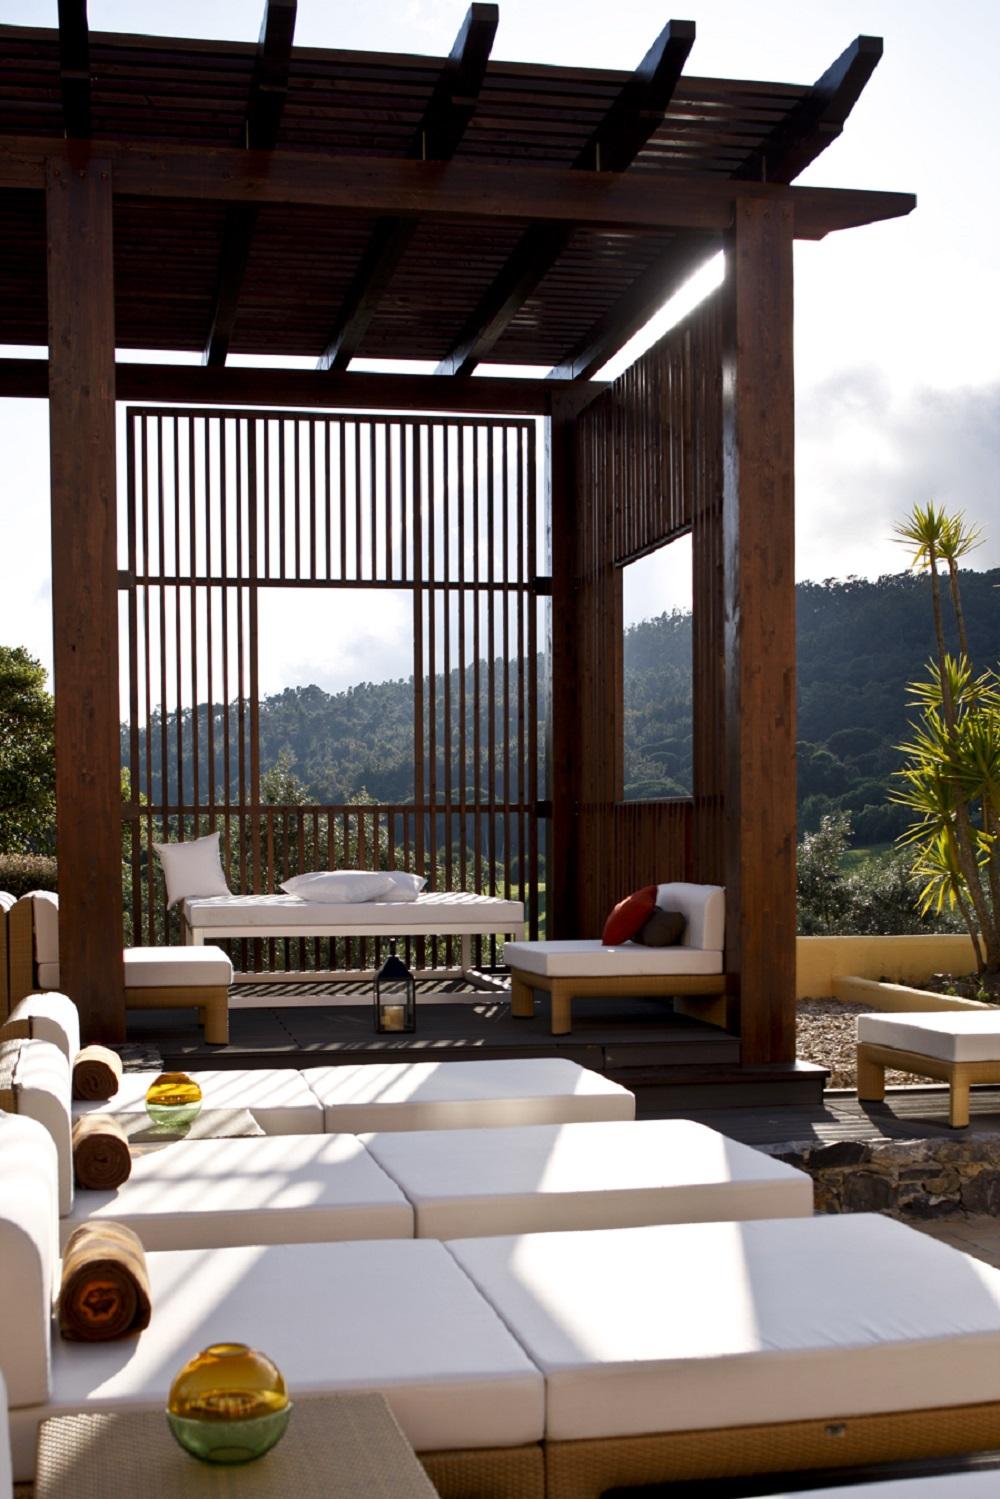 Les transats de l'hôtel Penha Longa Resort.